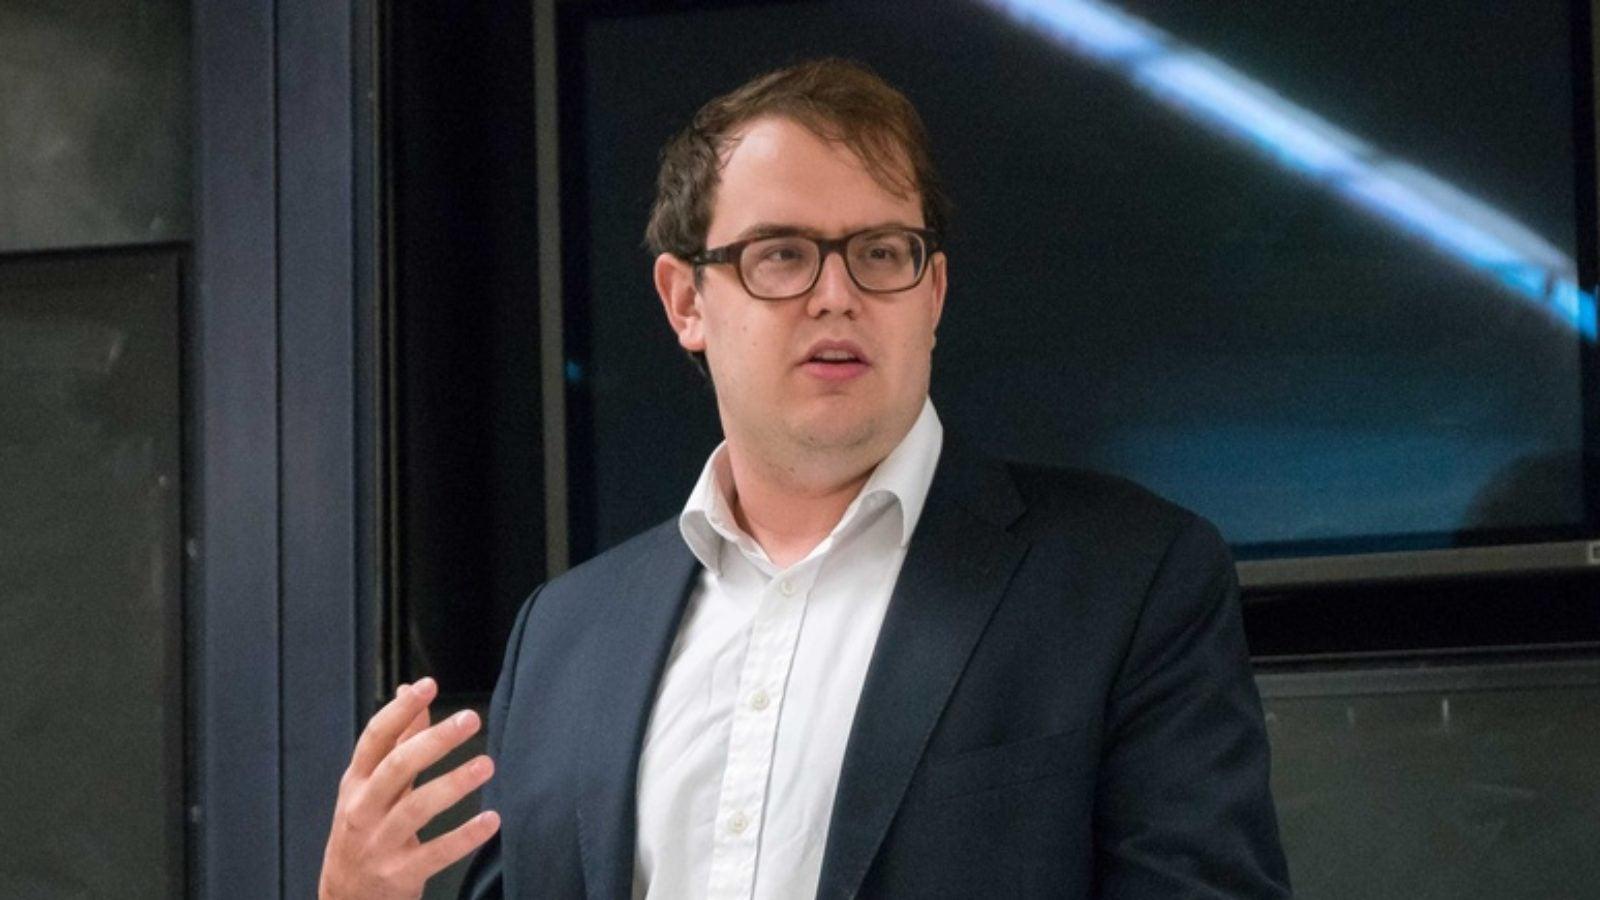 Professor Ben Buchanan speaks